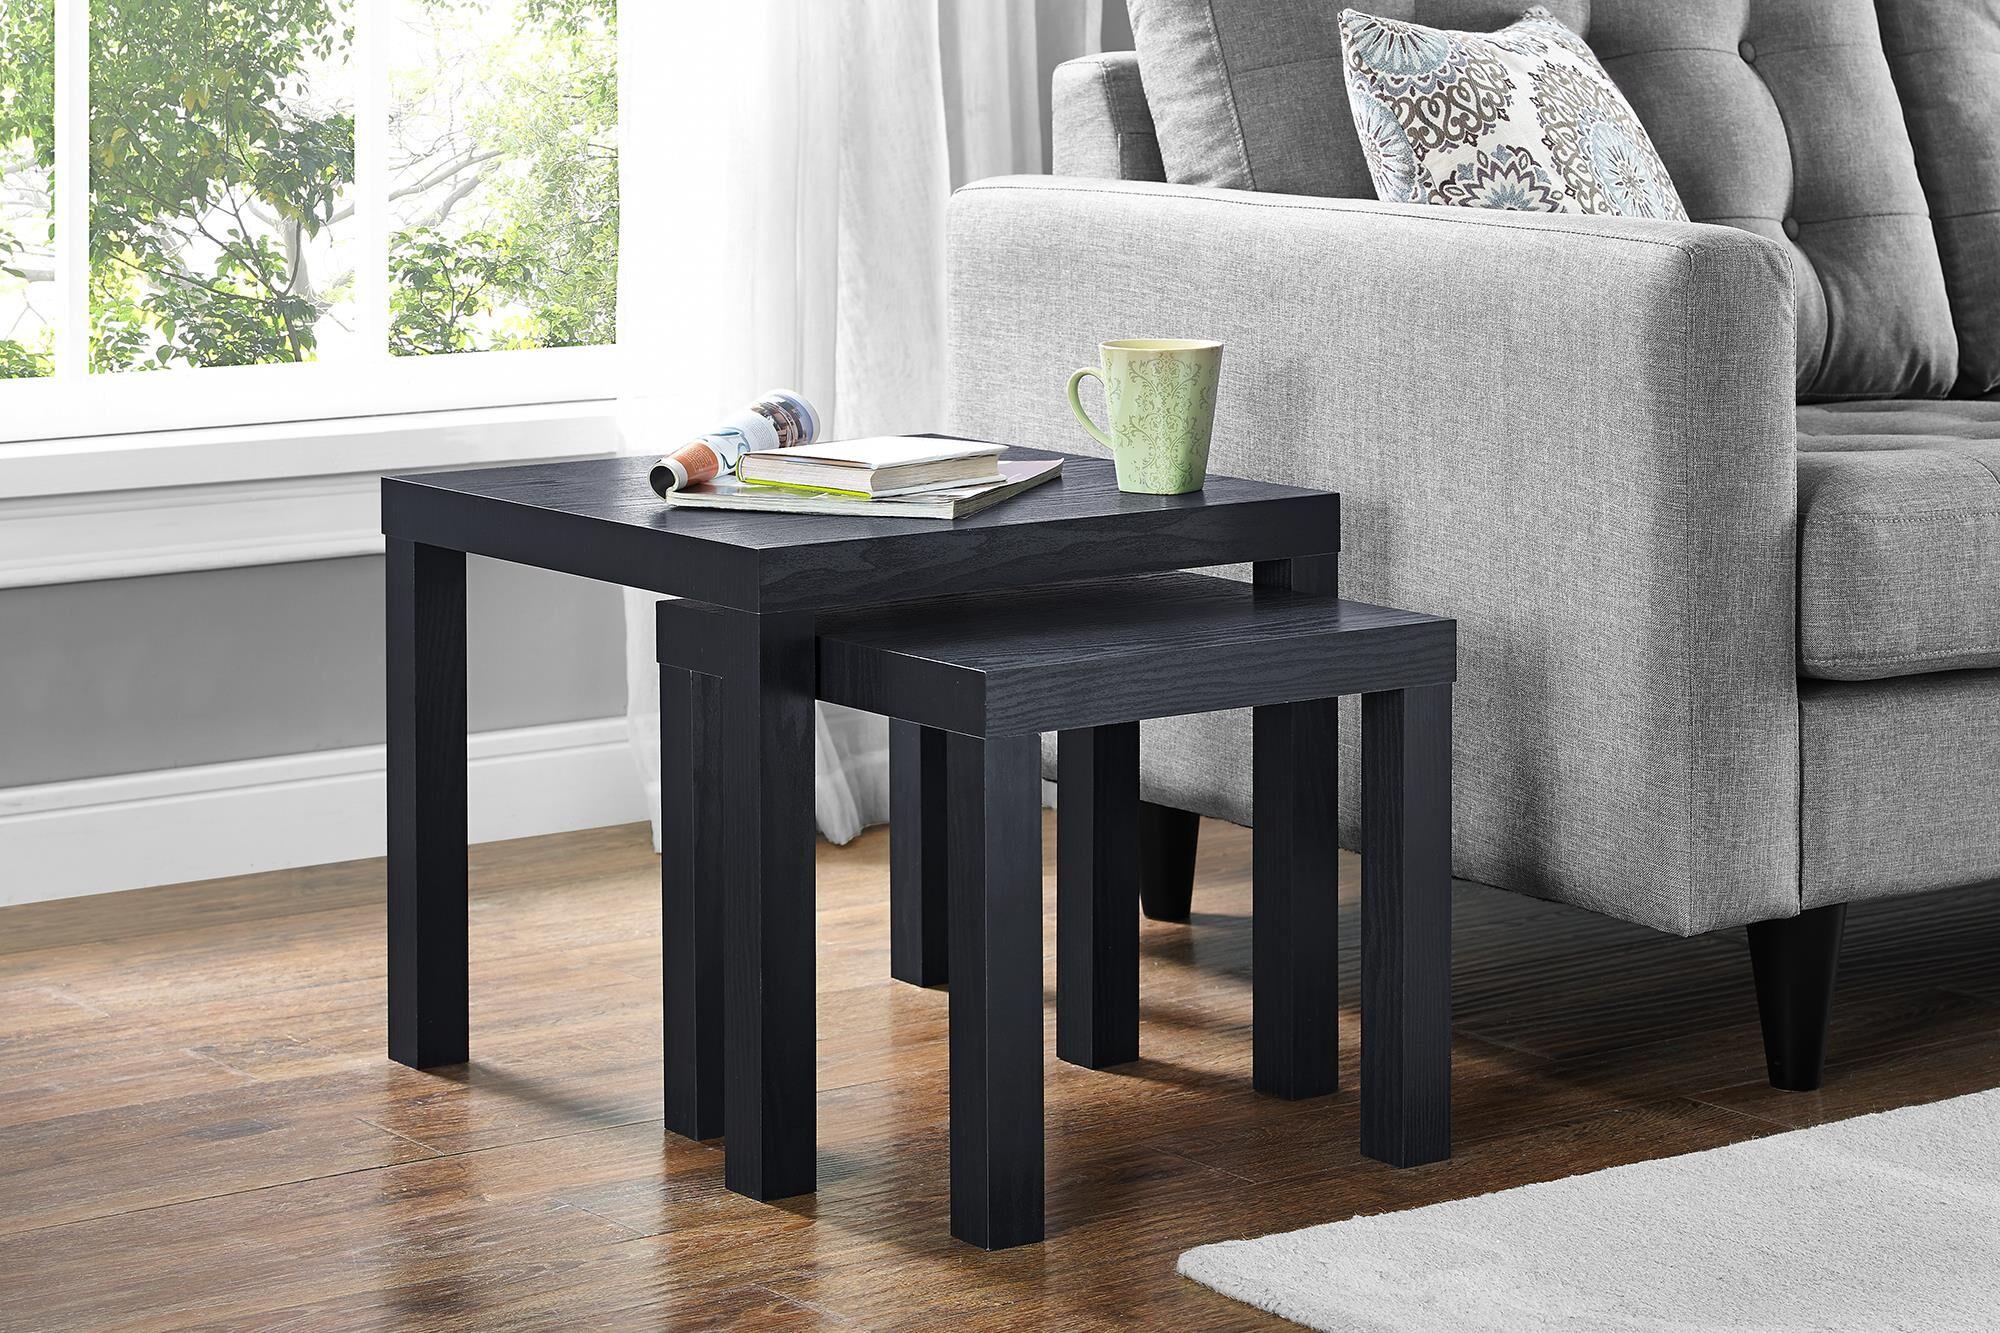 Celie 2 Piece Nesting Tables Color: Black Oak